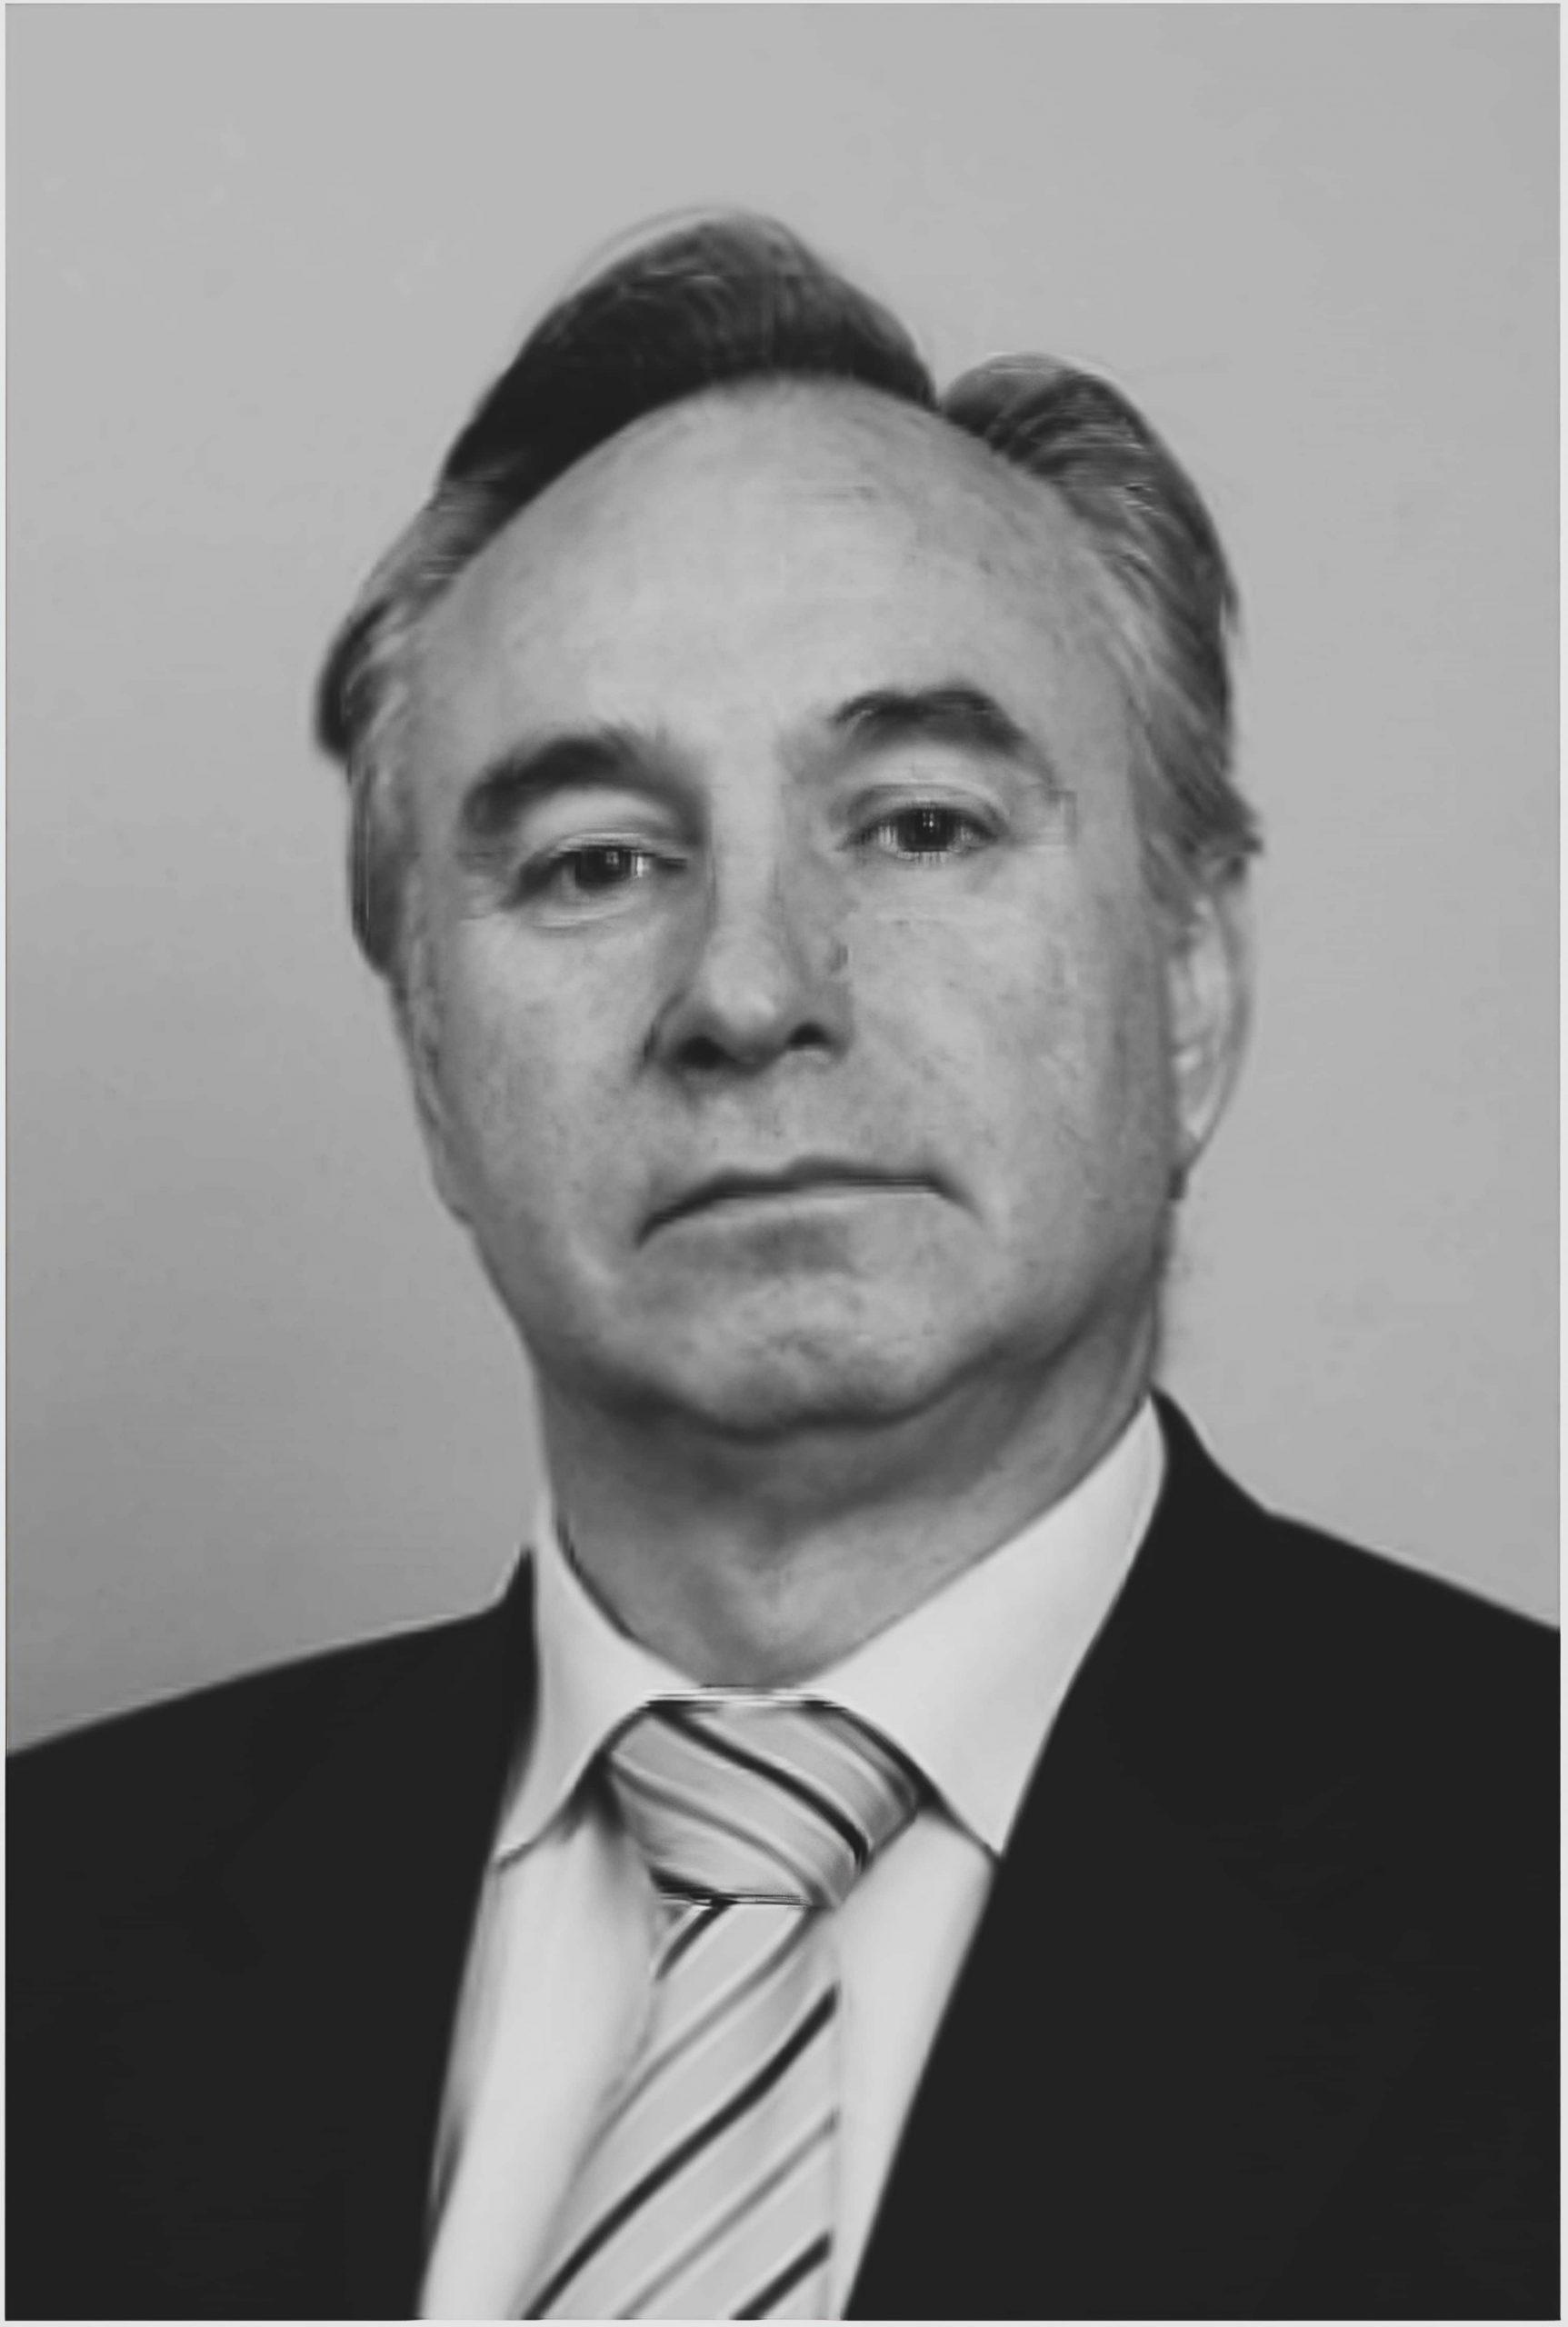 ROBERTO JIMENEZ ABOGADO